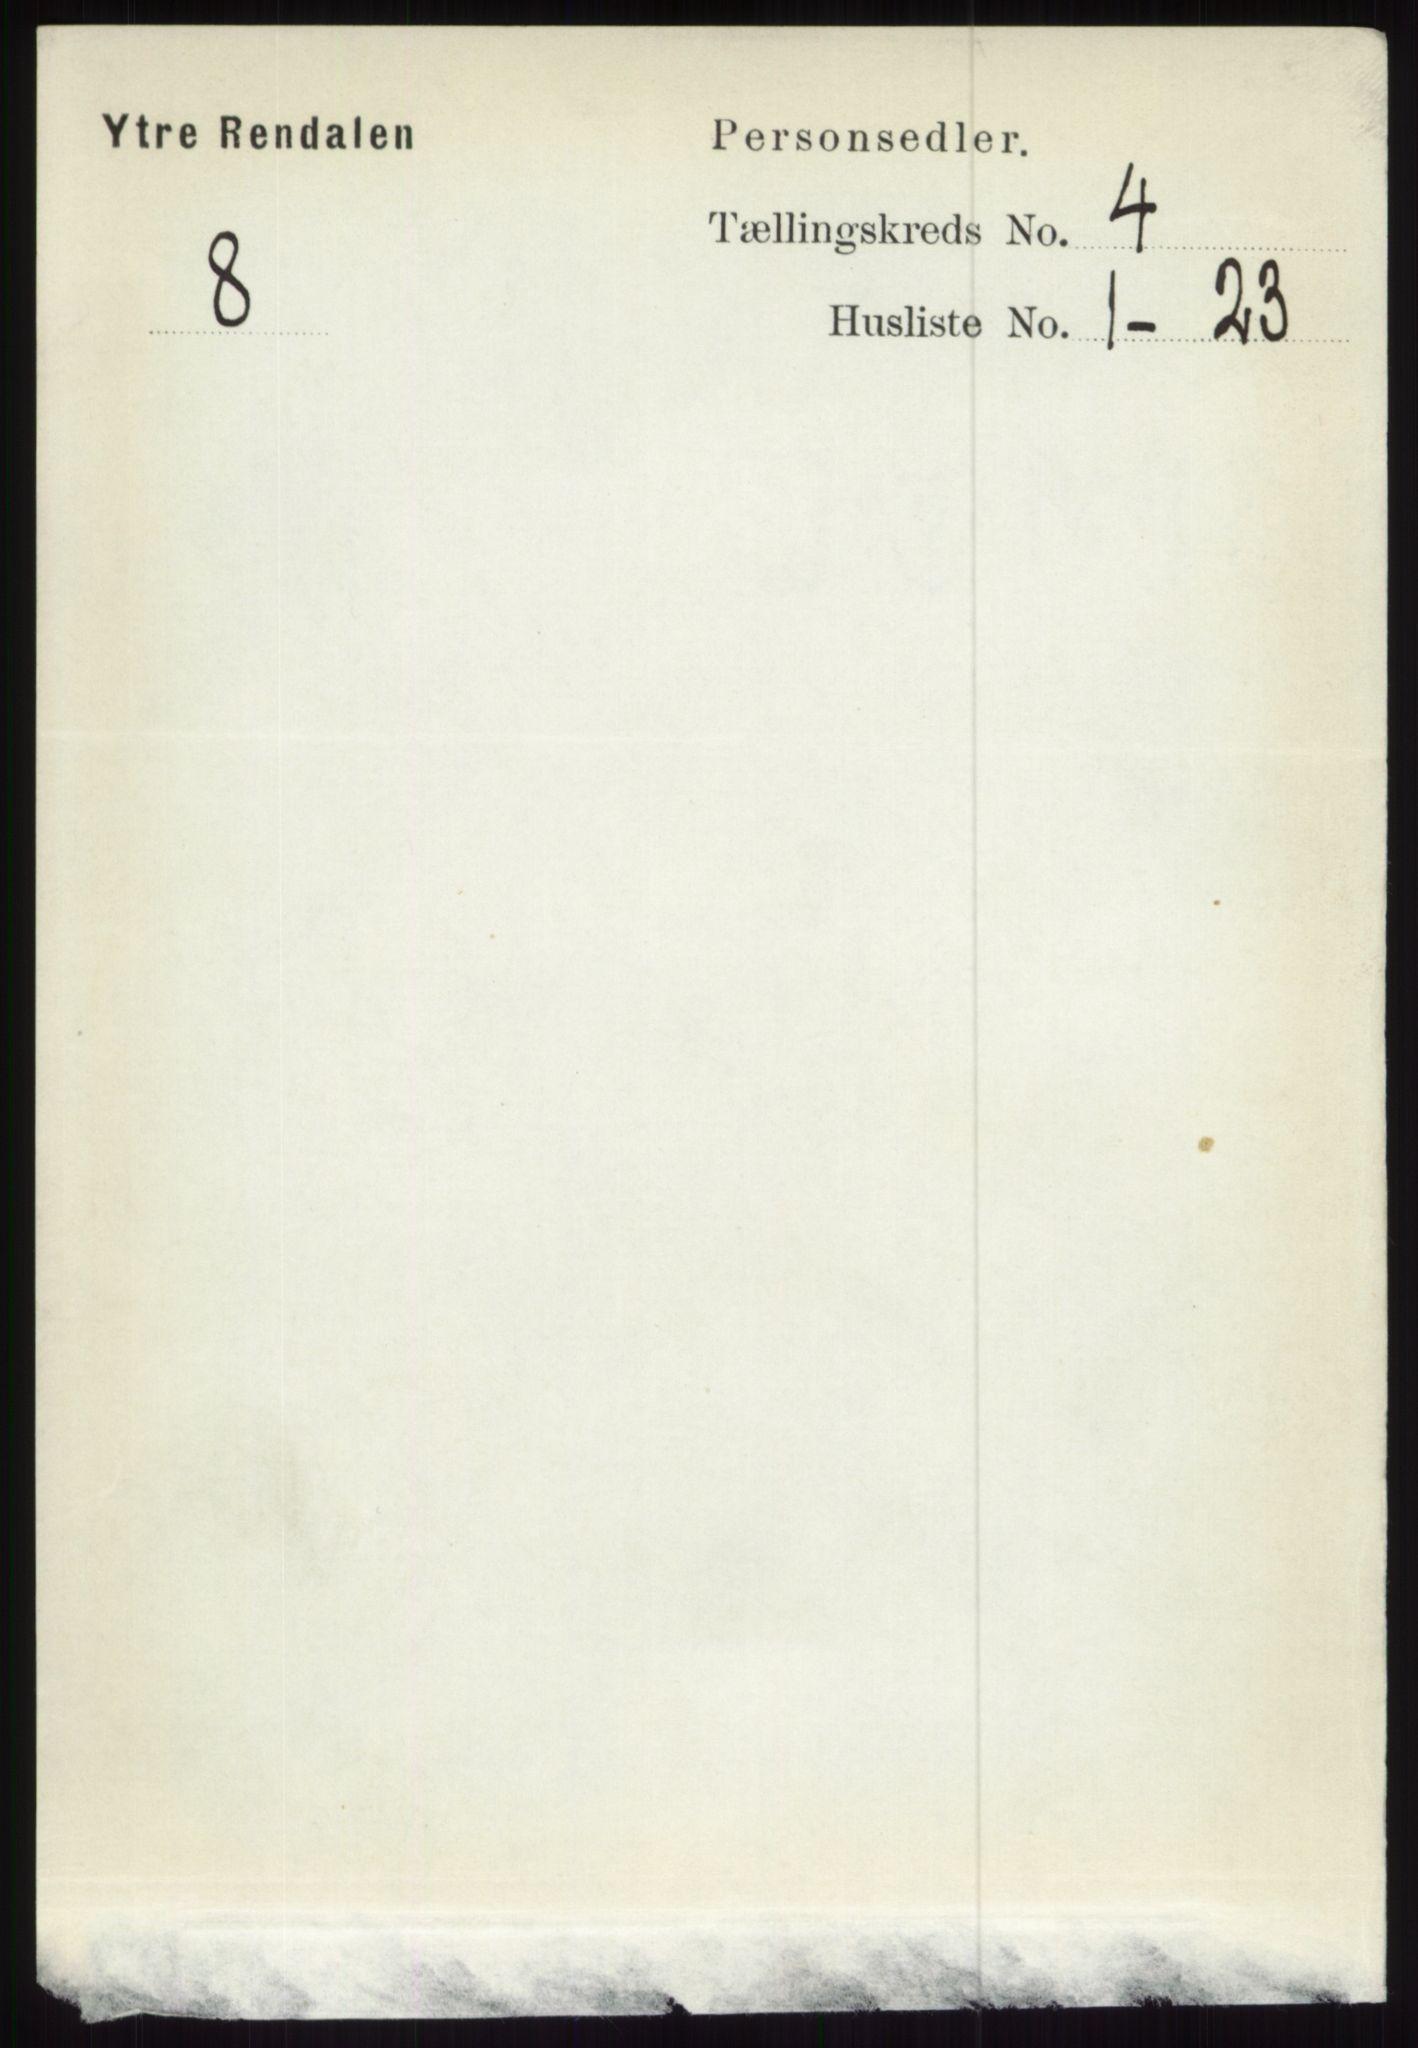 RA, Folketelling 1891 for 0432 Ytre Rendal herred, 1891, s. 774